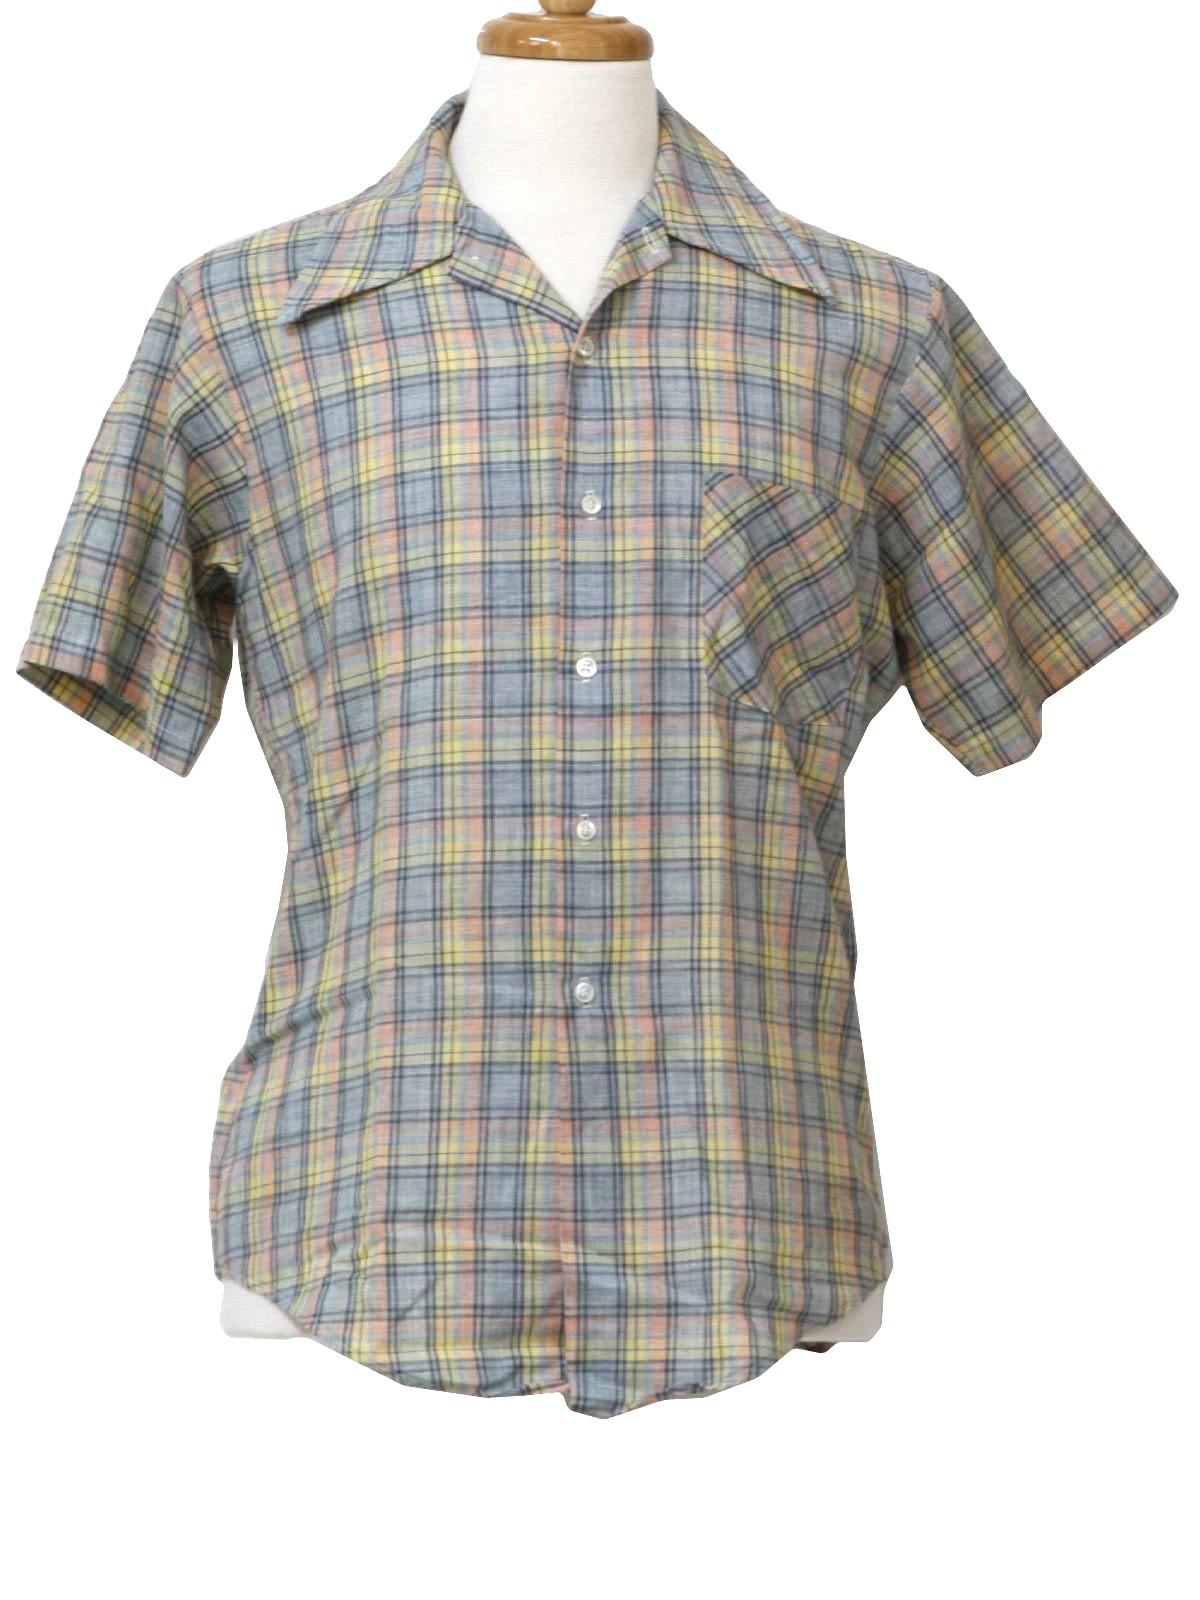 Vintage kmart 1970s shirt 70s kmart mens slate blue for Kmart button up shirts